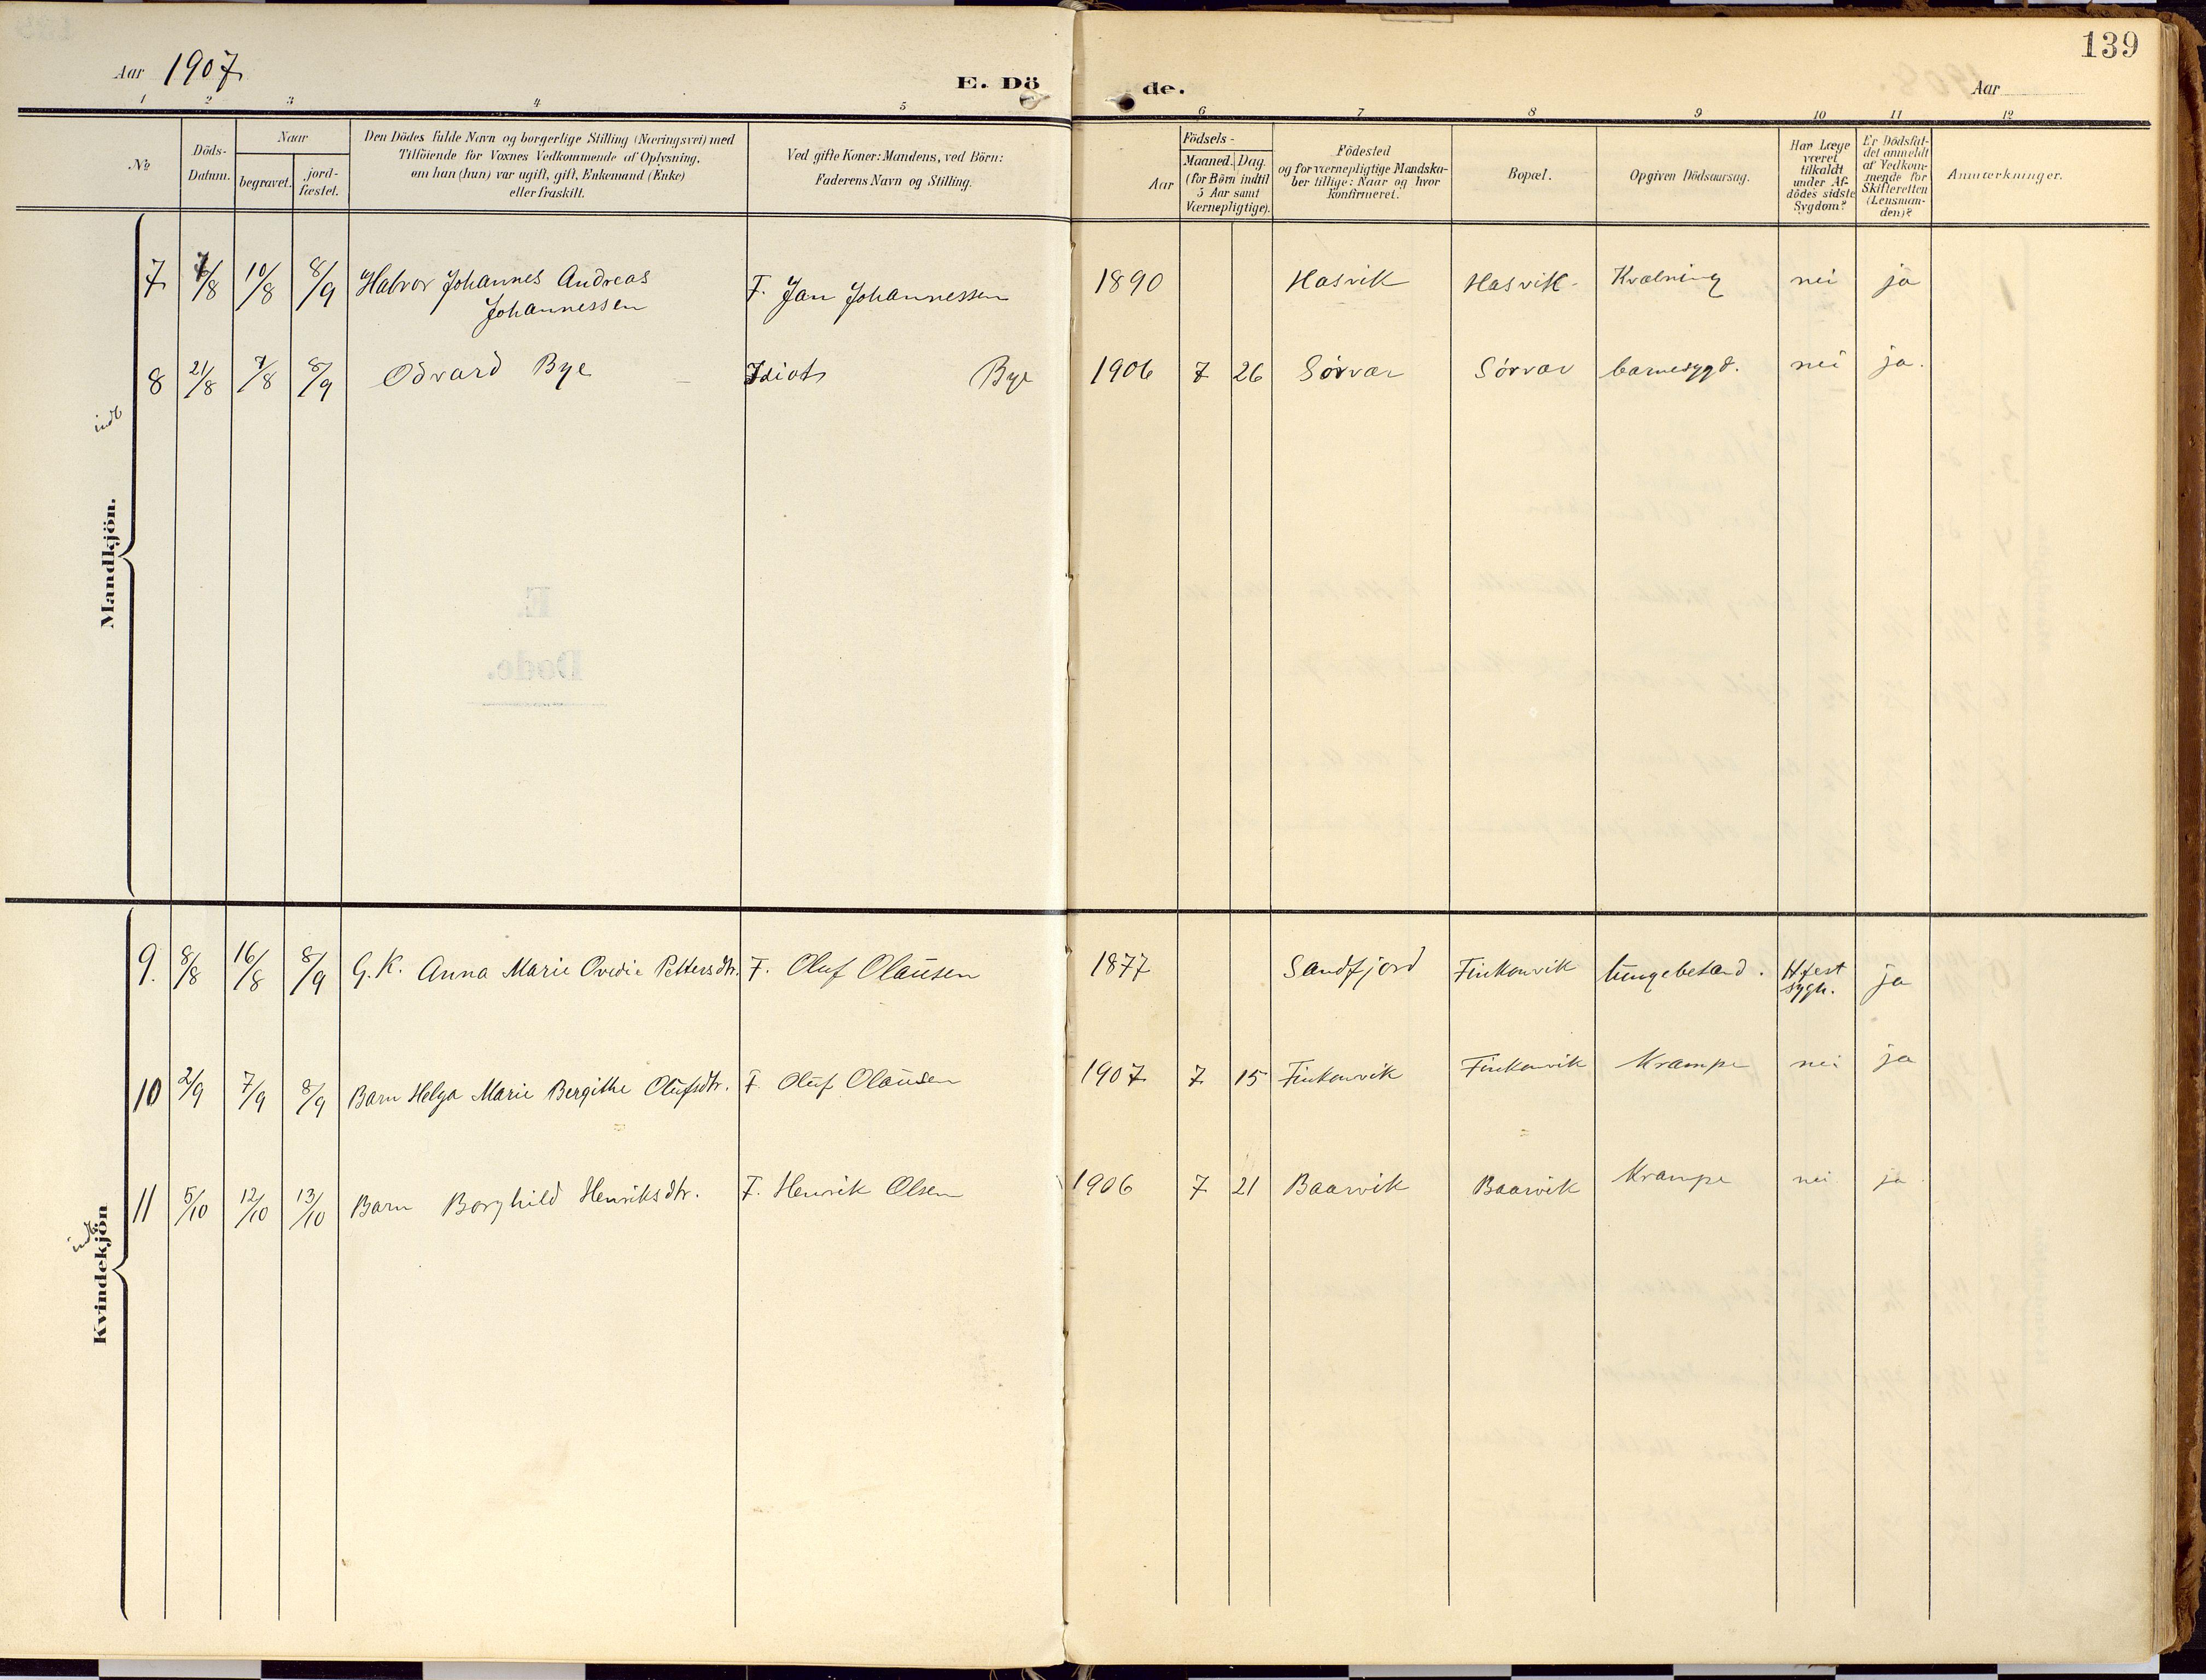 SATØ, Loppa sokneprestkontor, H/Ha/L0010kirke: Ministerialbok nr. 10, 1907-1922, s. 139